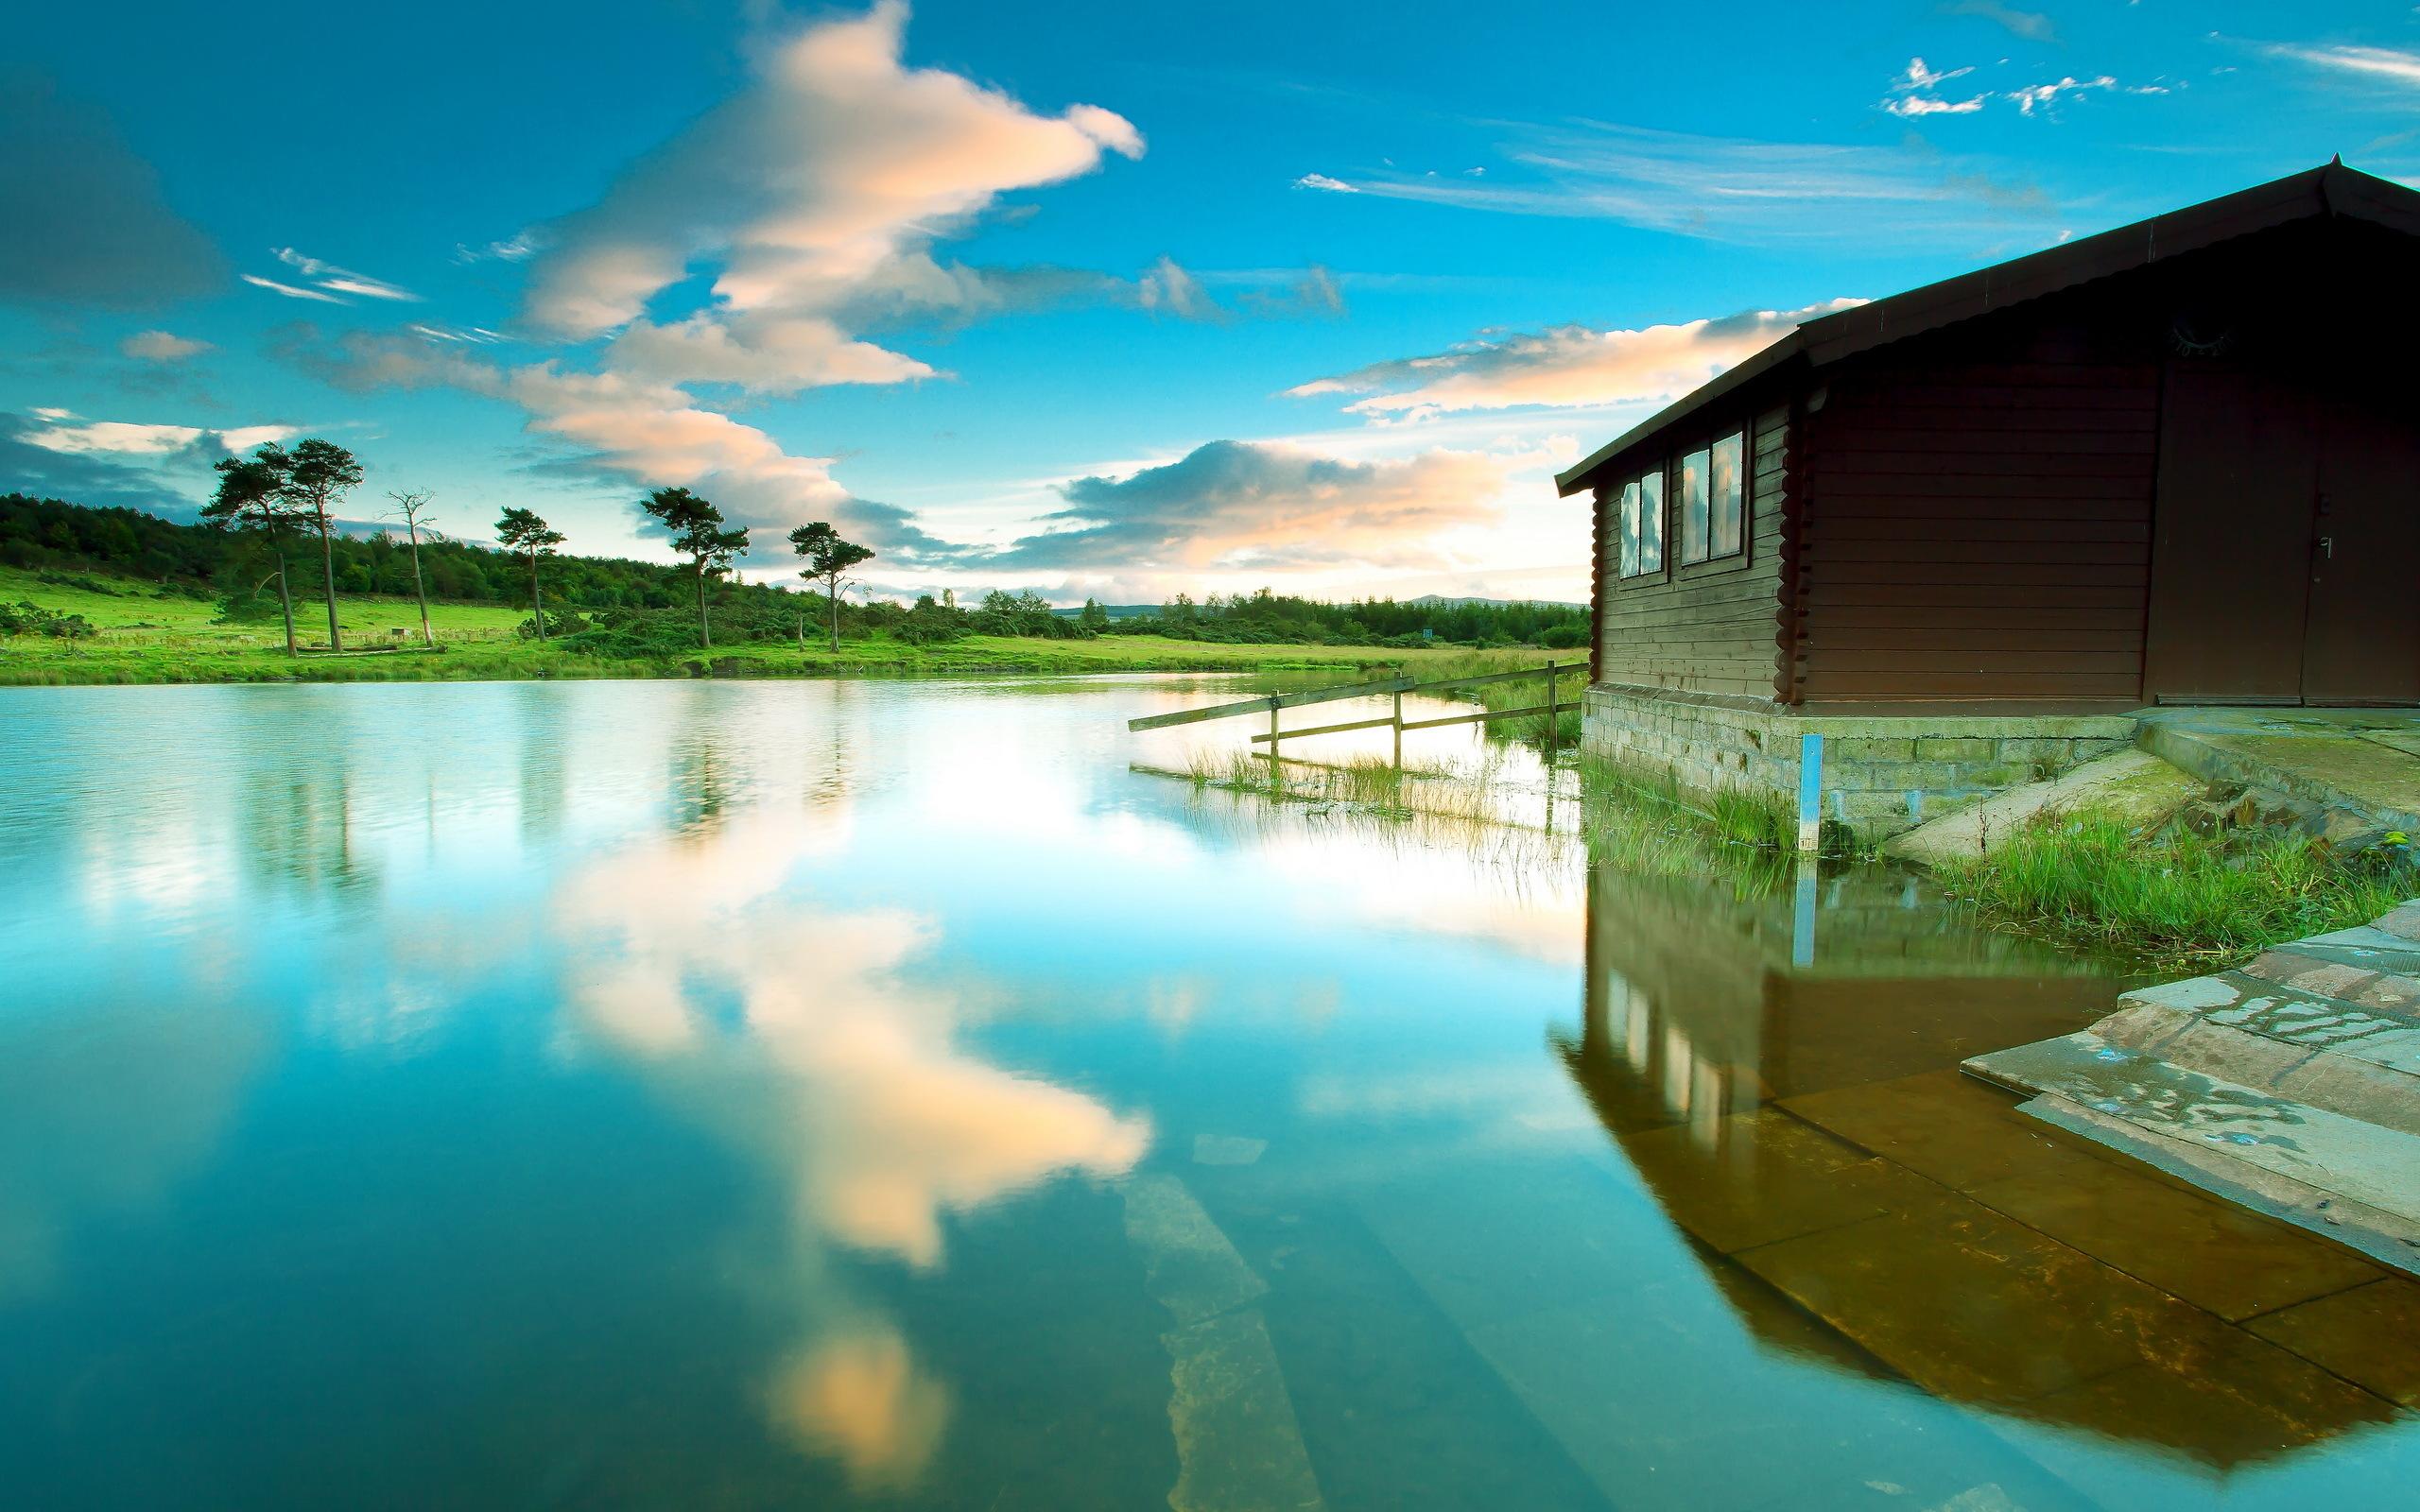 lake wallpaper house